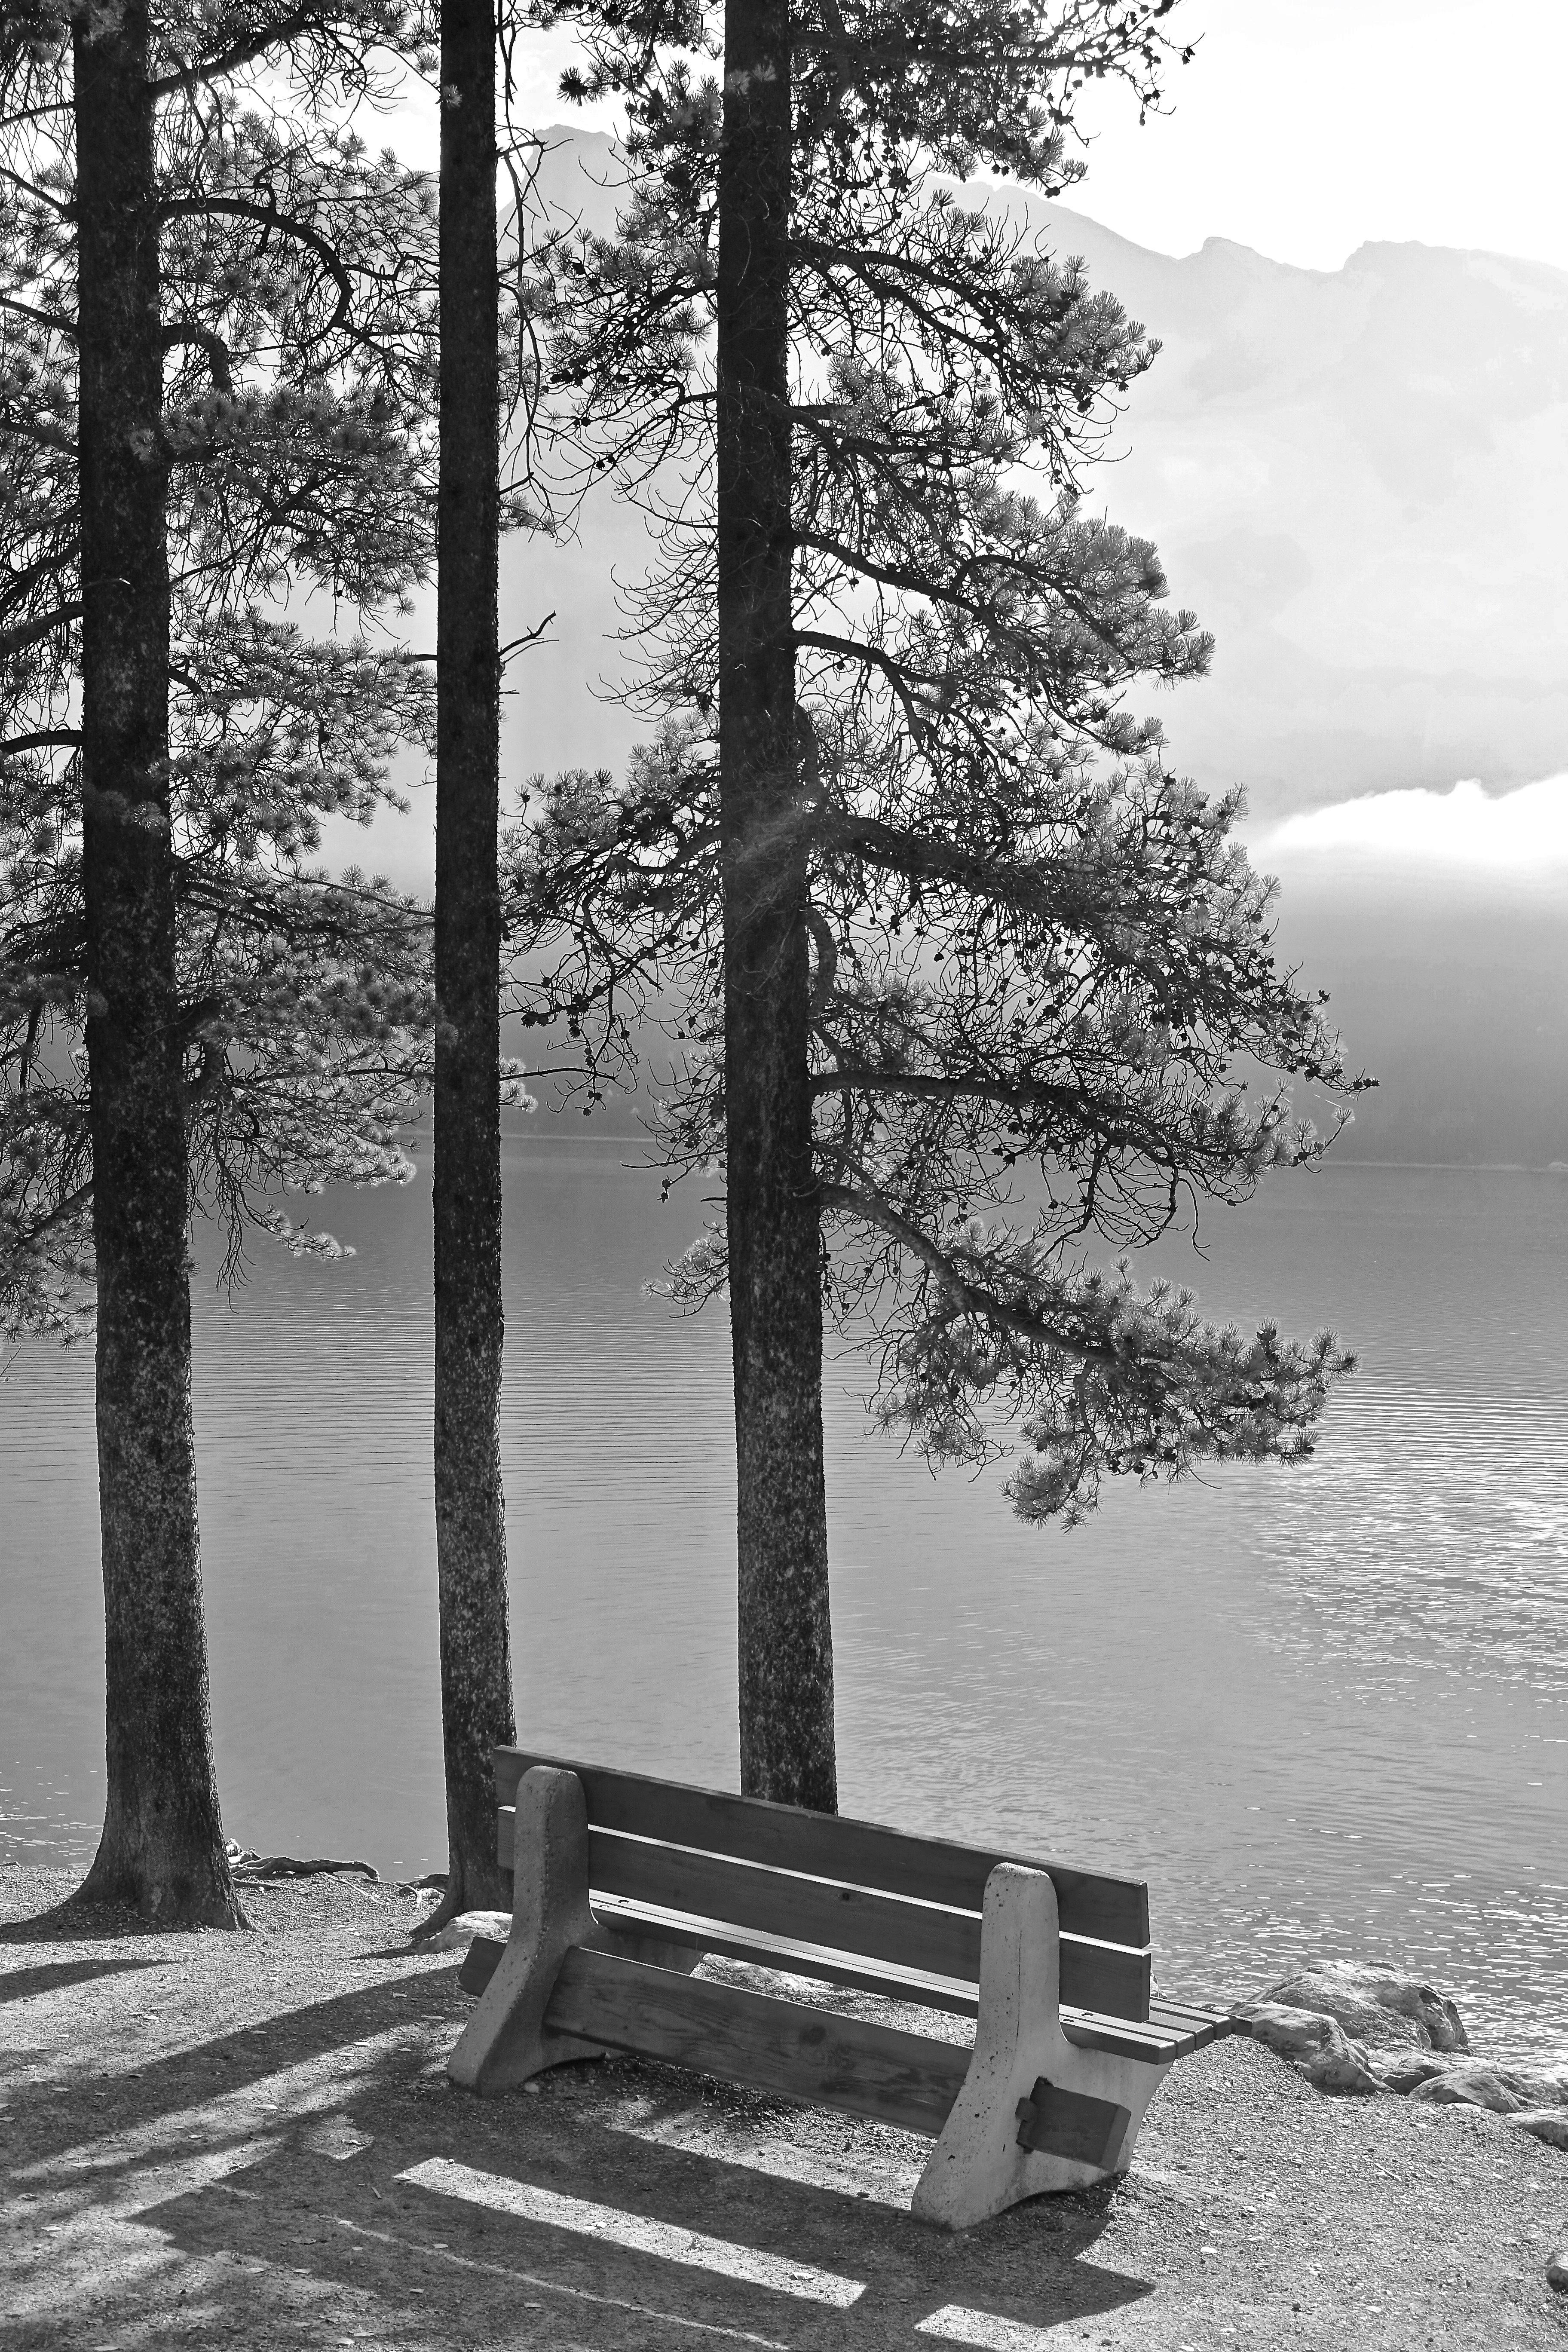 Fotos Gratis Paisaje árbol Naturaleza Nieve Invierno En